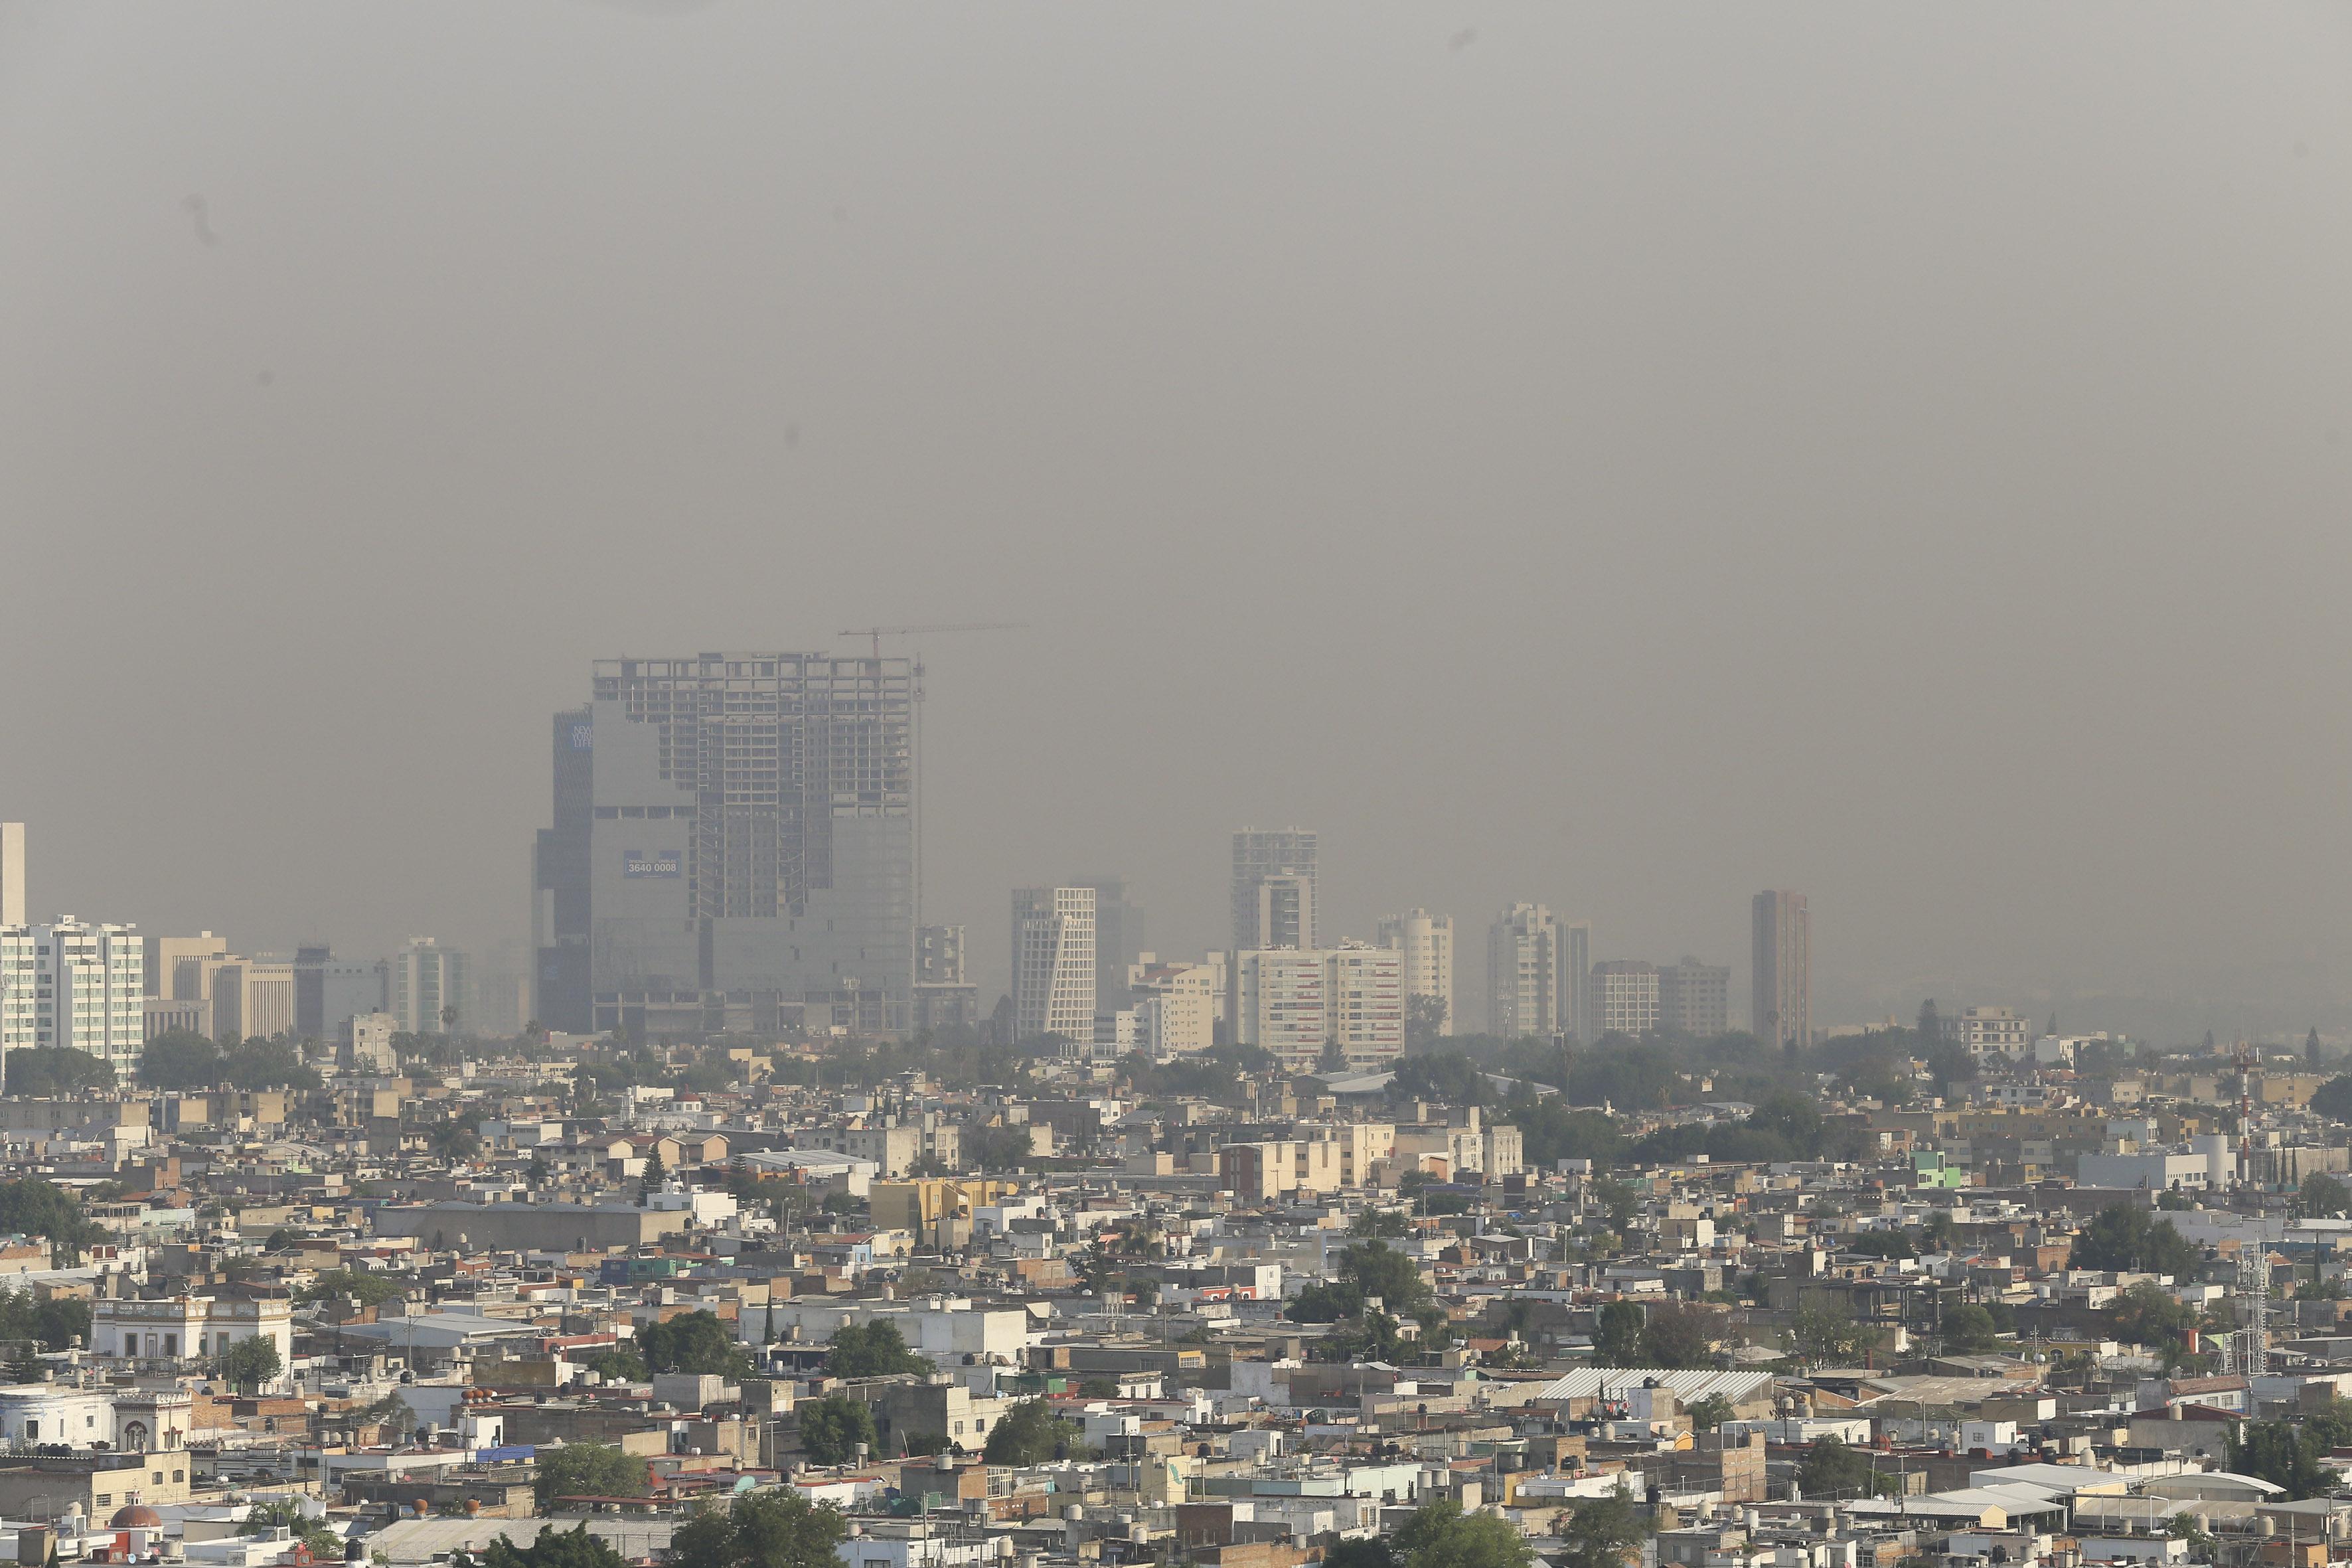 Vista panorámica de los cielos contaminados  de Guadalajara, hacia la zona norte poniente.